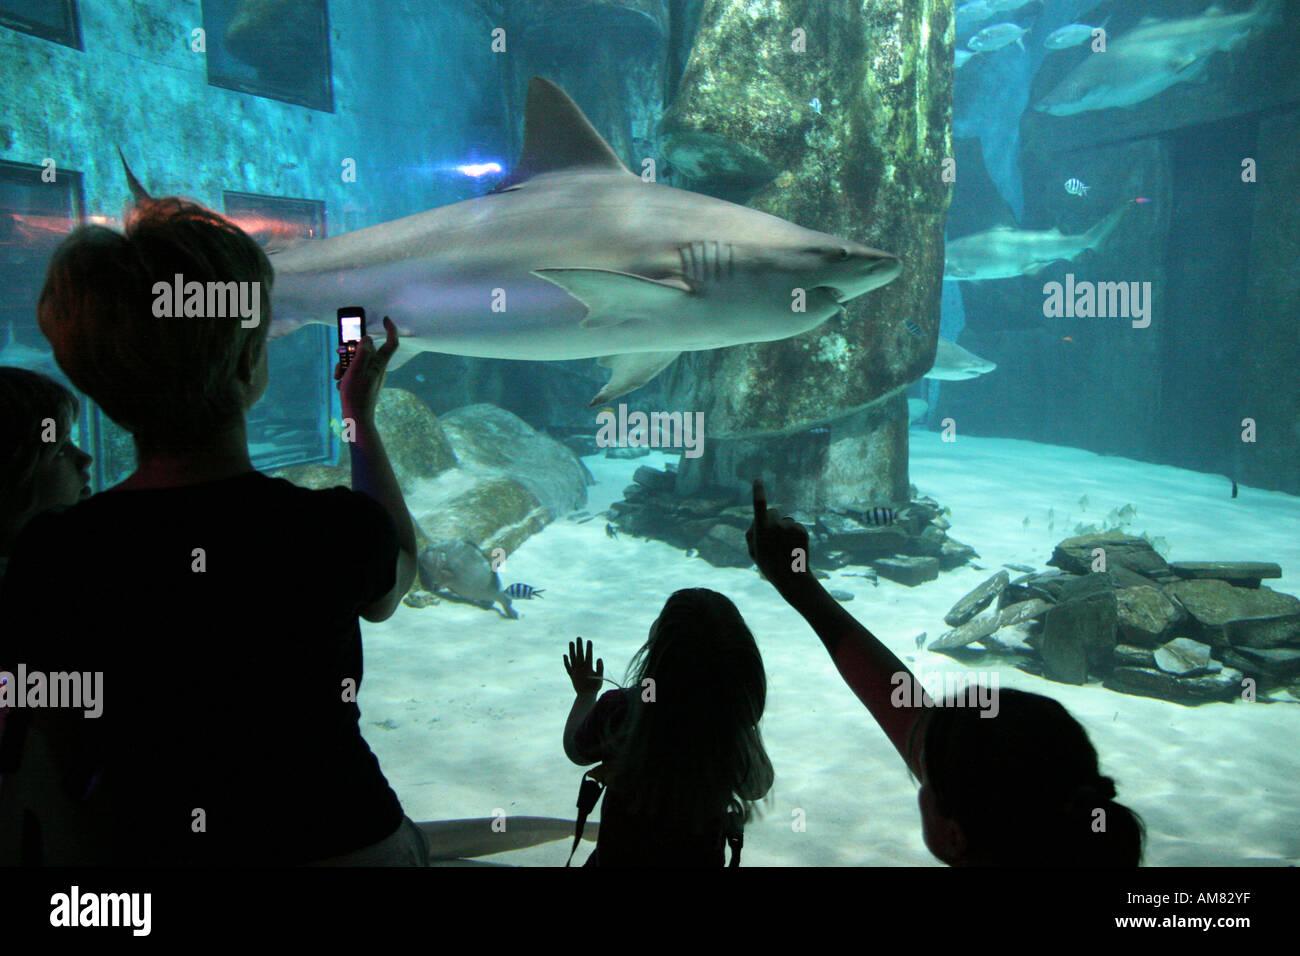 Buy fish for aquarium london - Stock Photo Visitors At The London Aquarium In London Uk